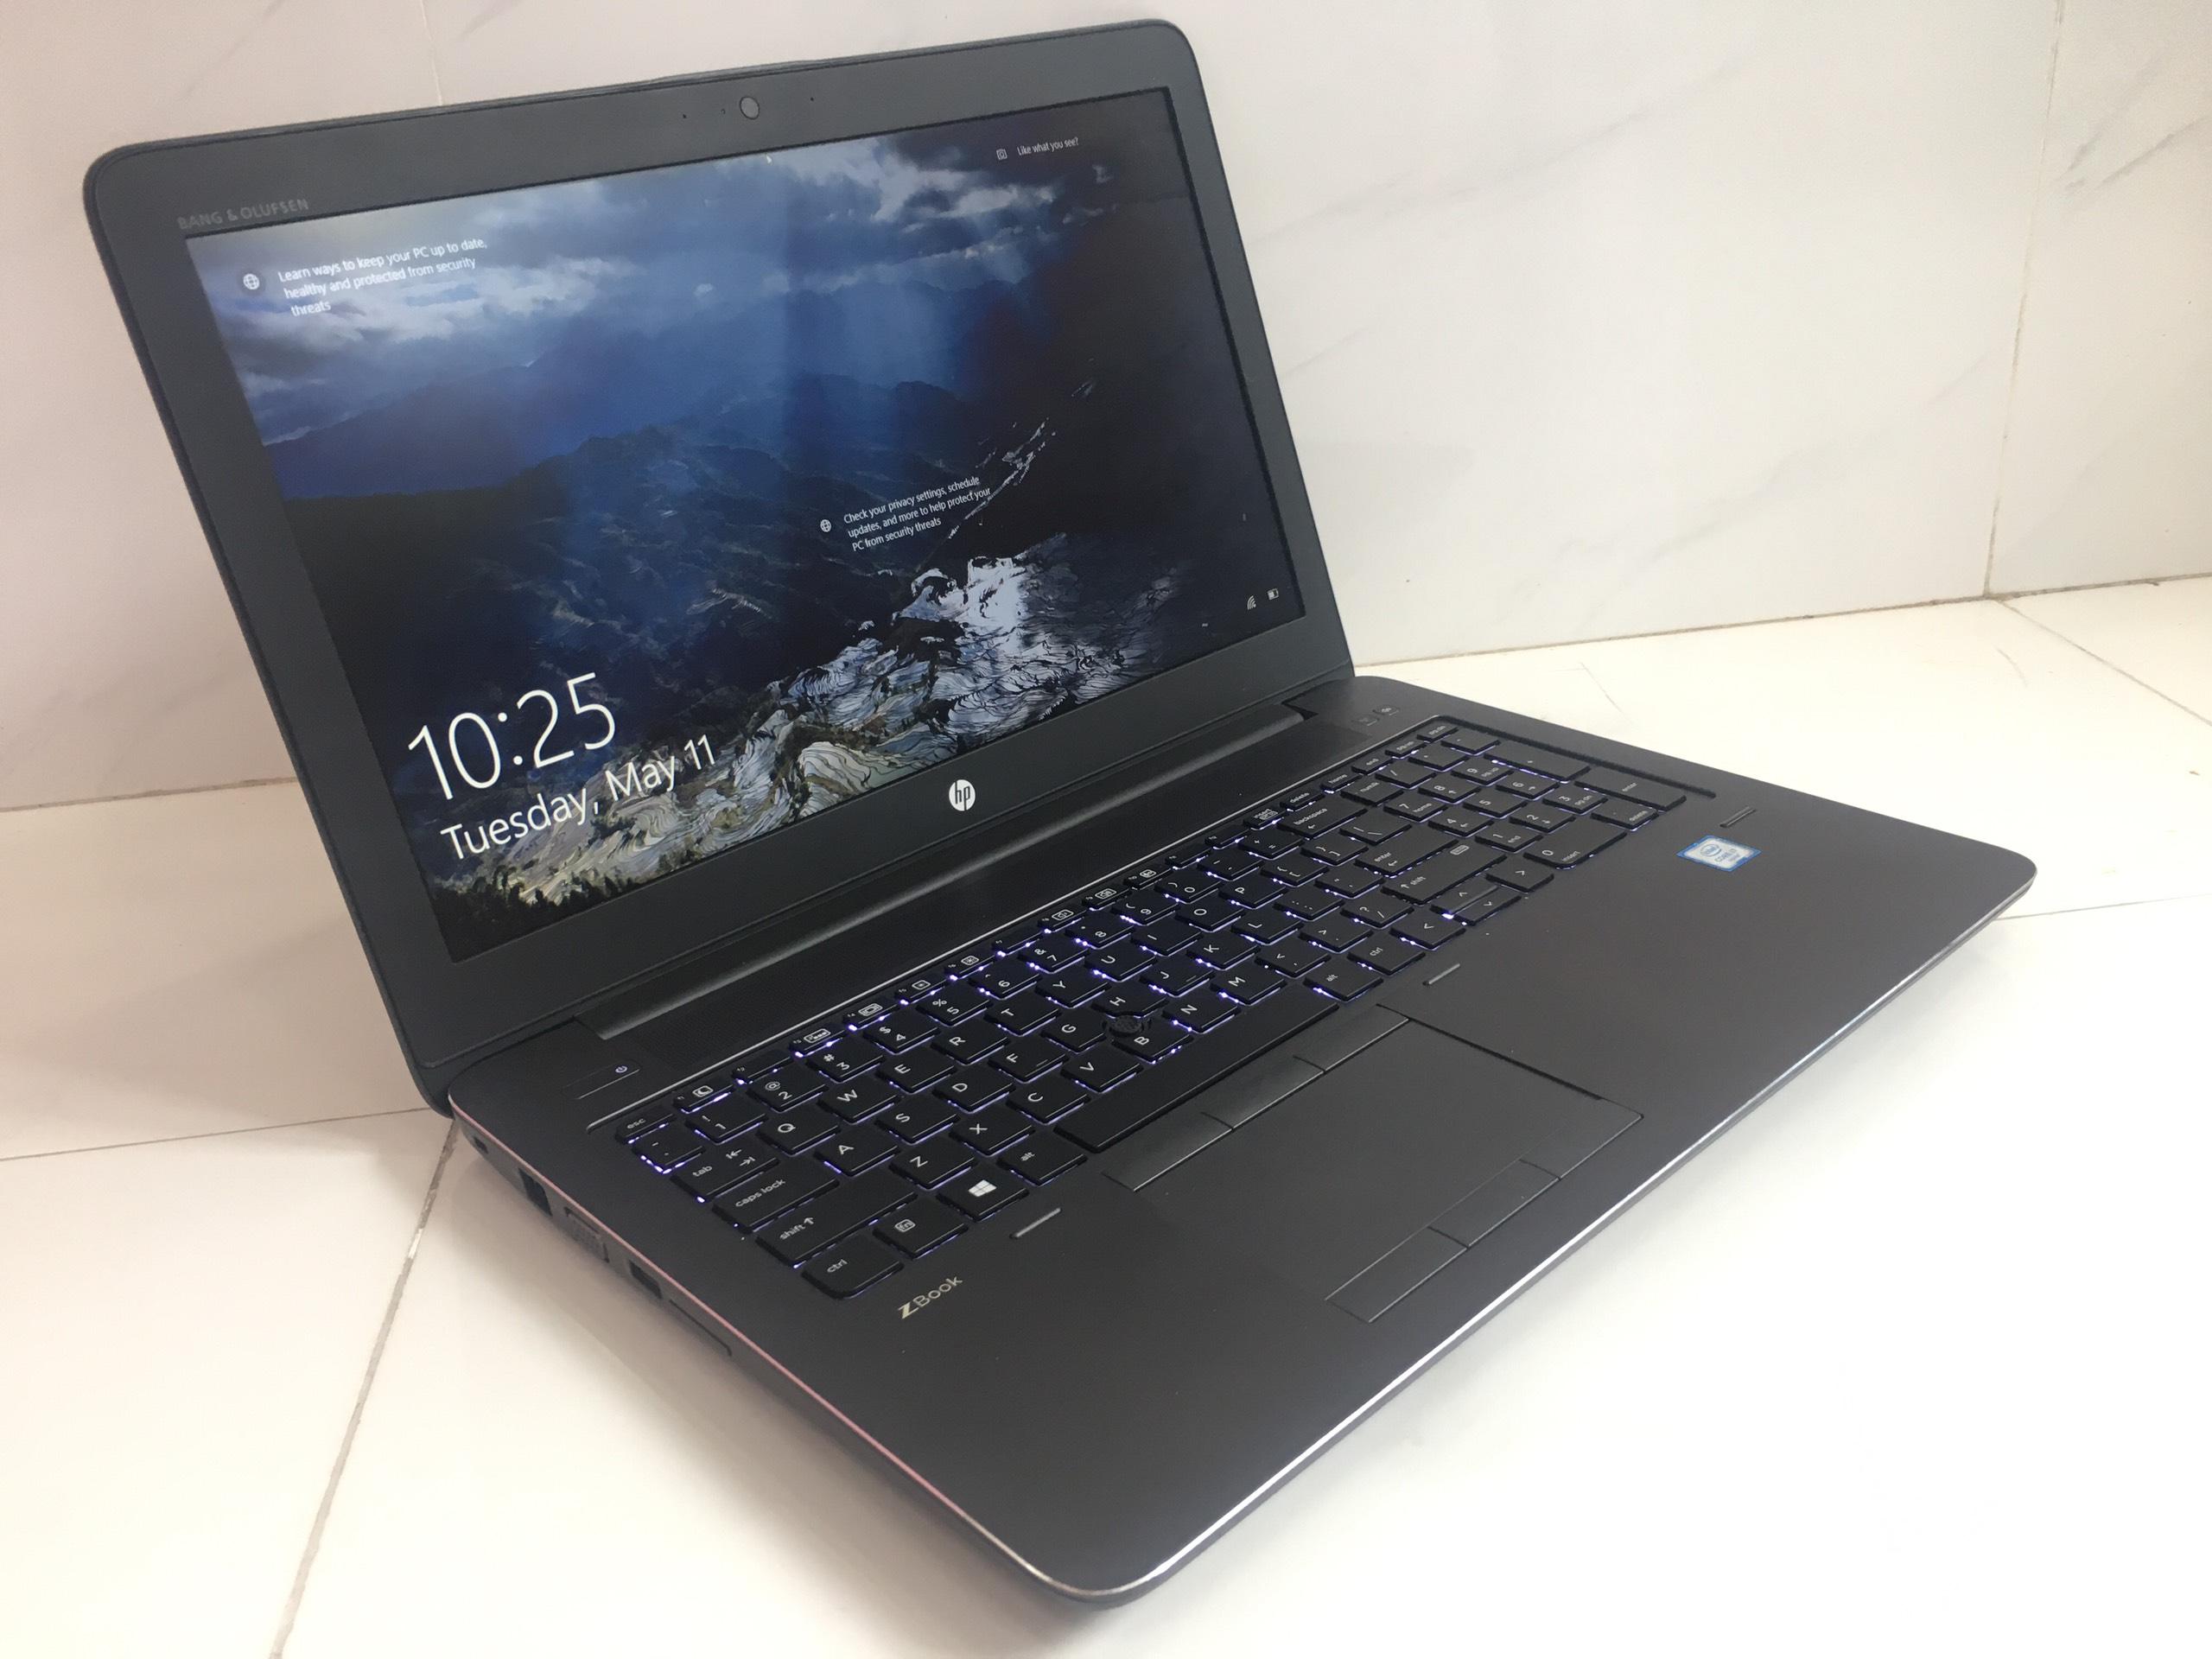 laptop-hp-zbook-15-g3-core-i7-6820hq-4